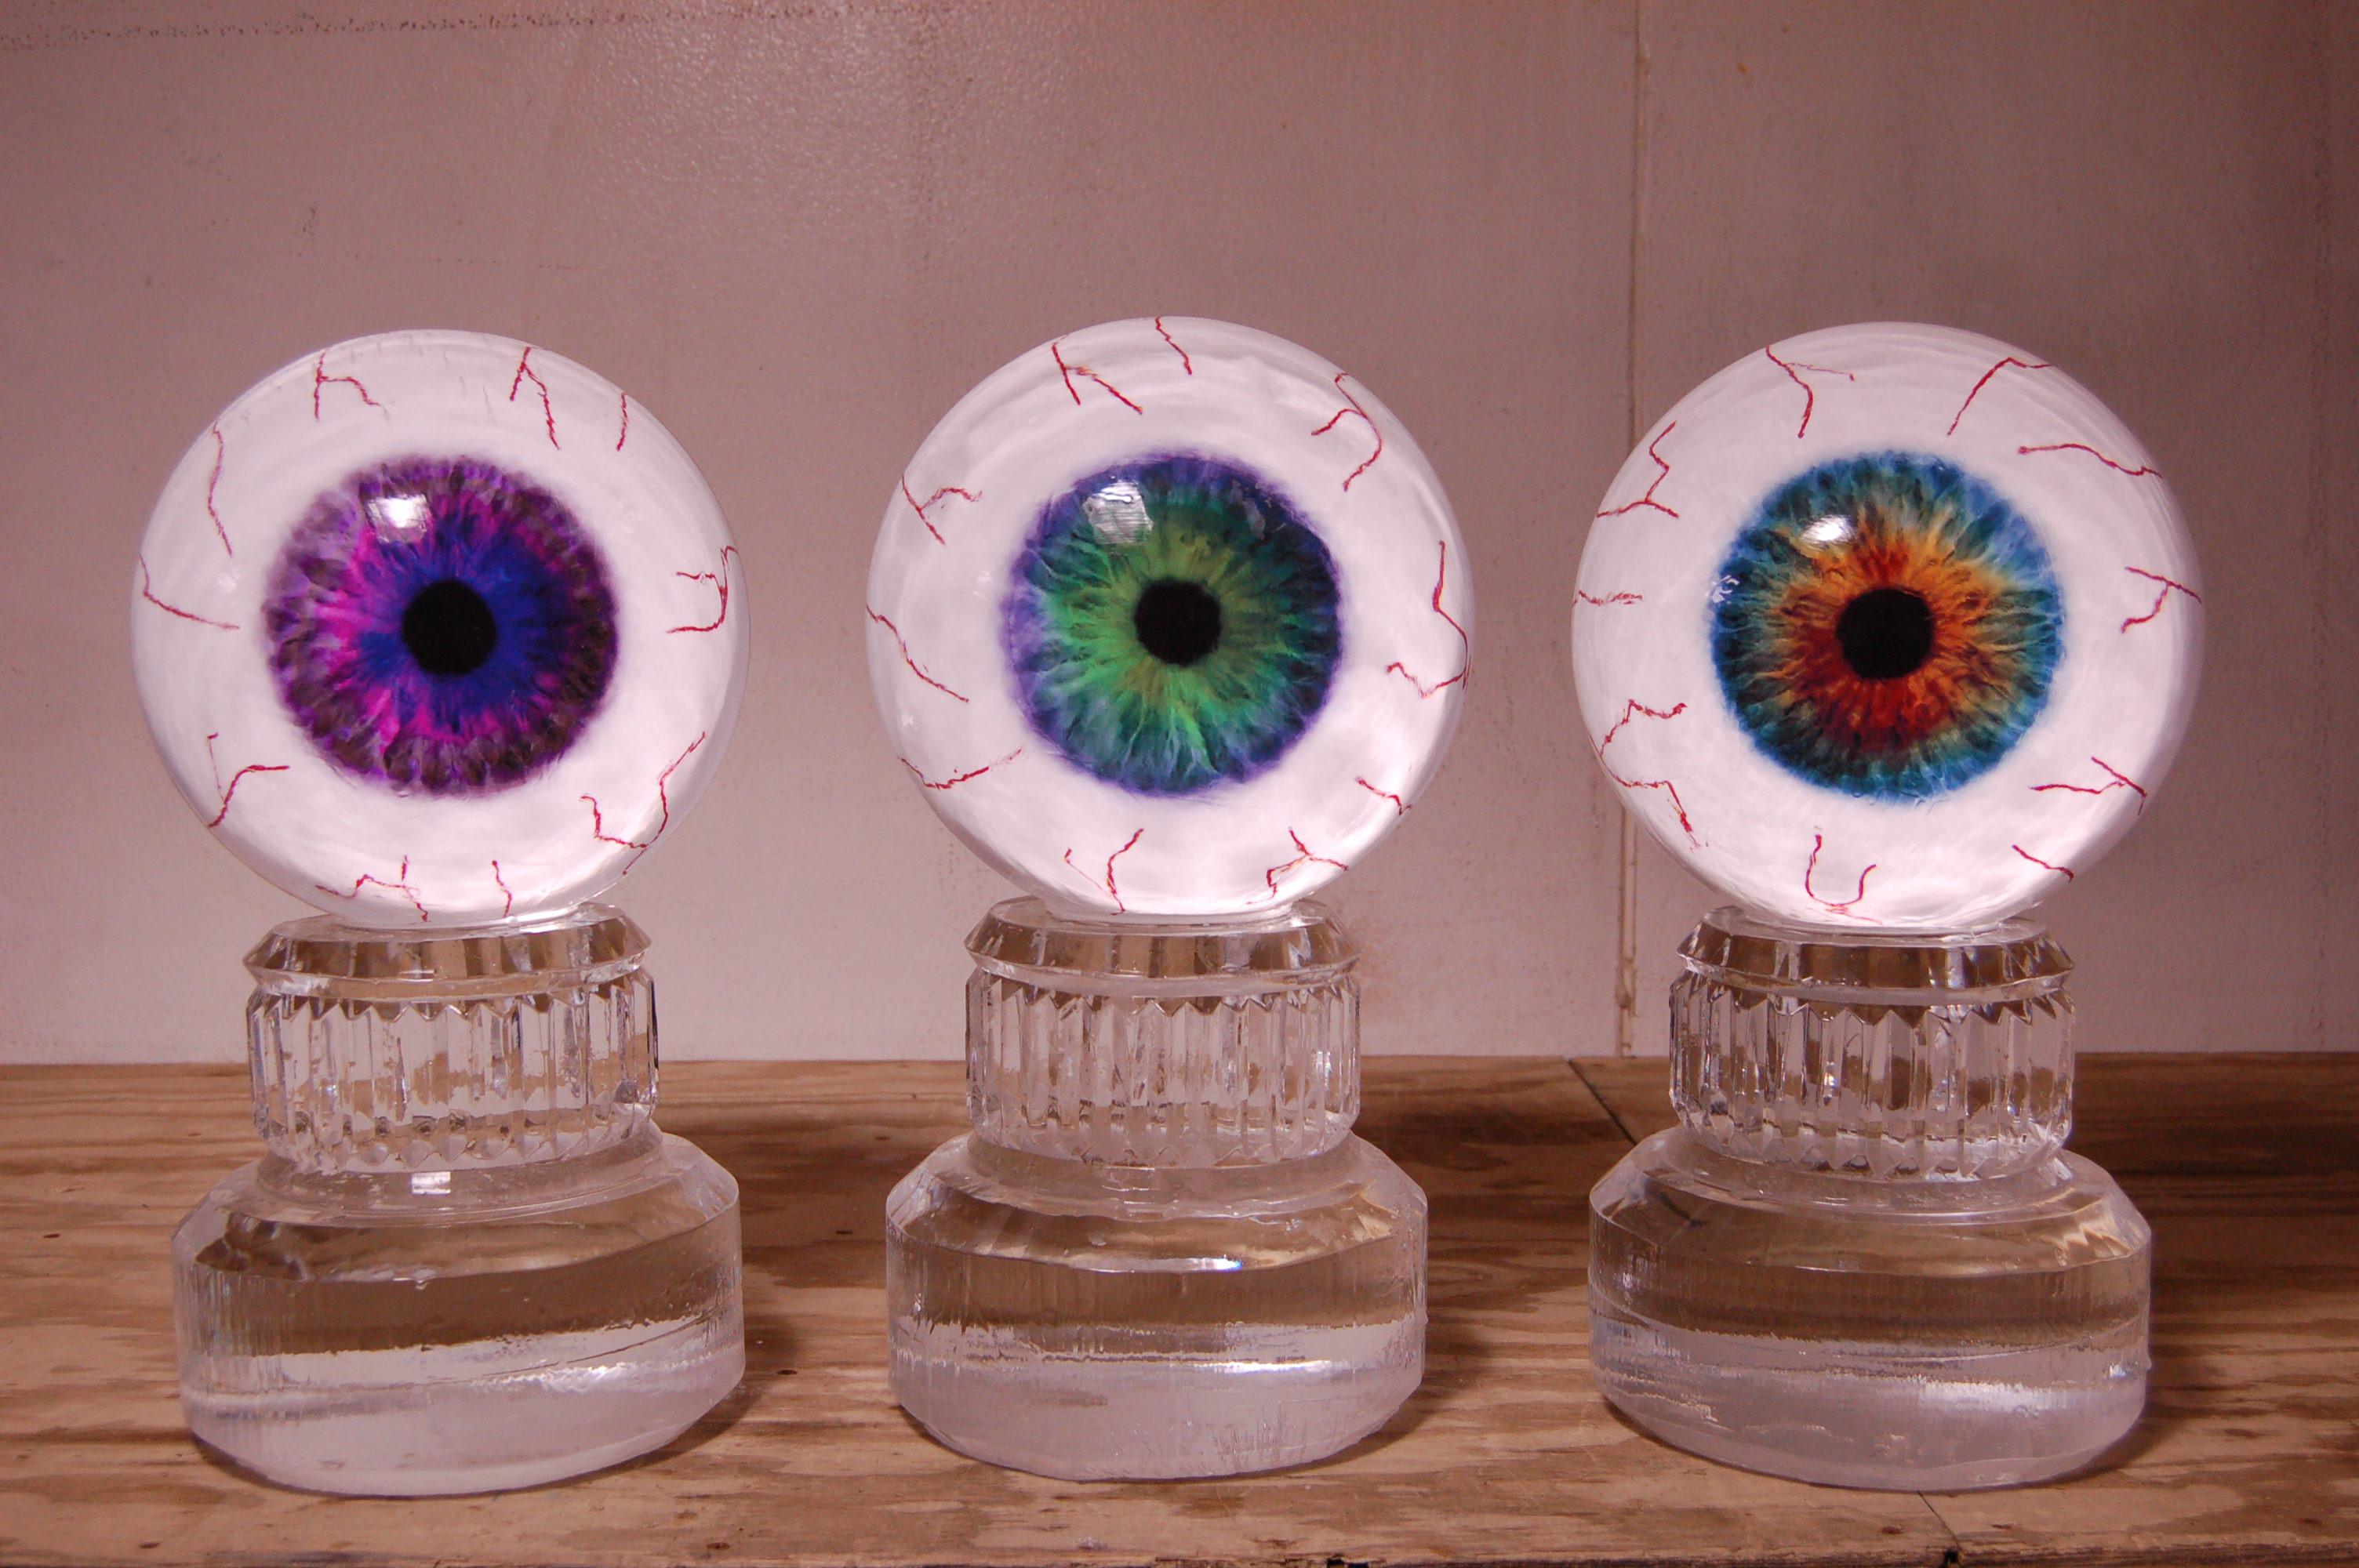 Eye Ball Centerpieces